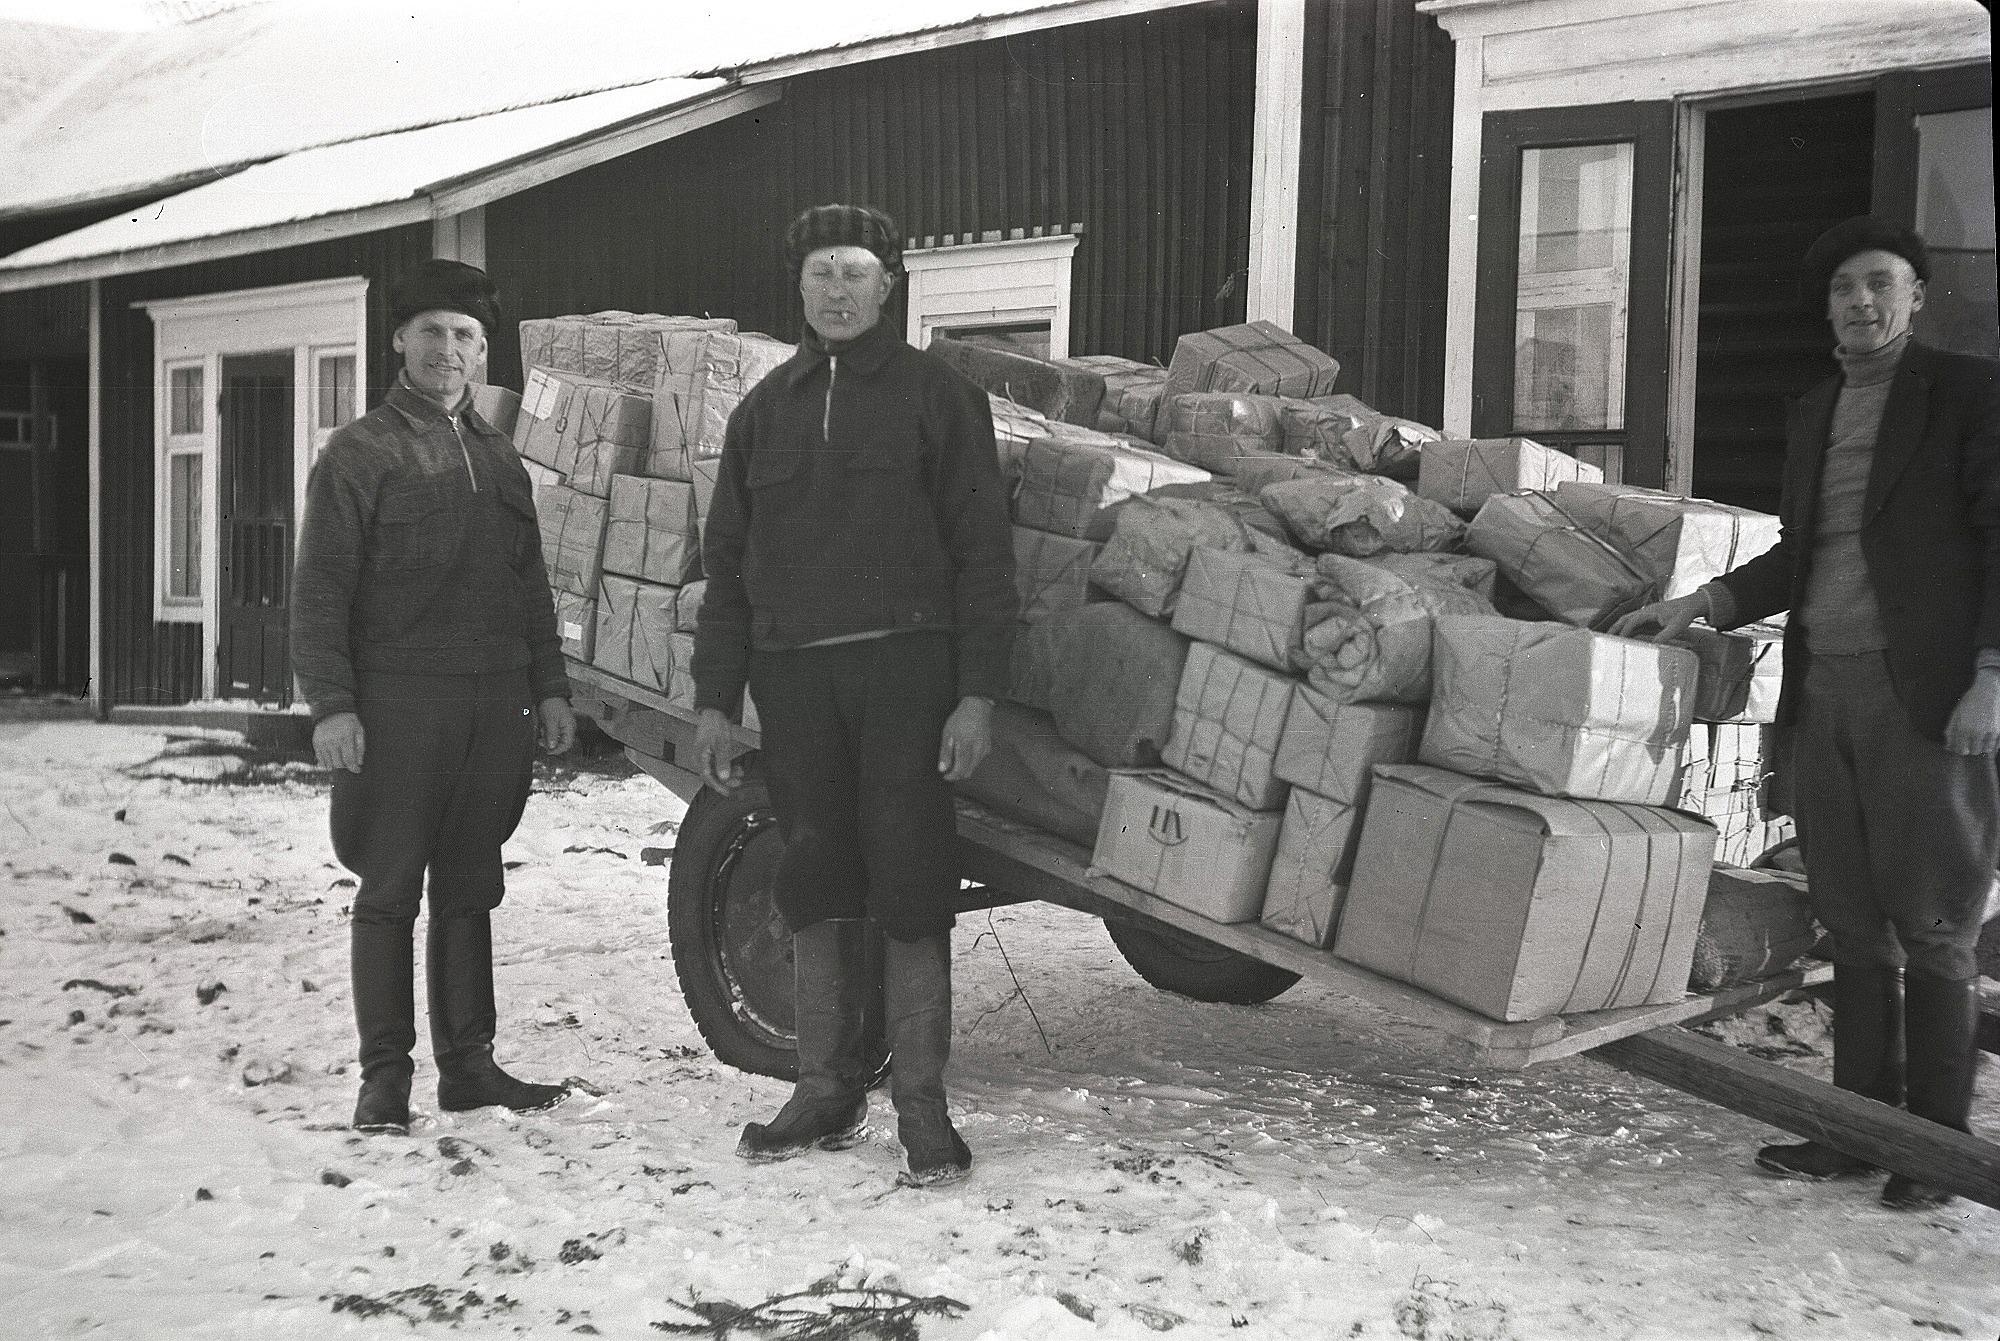 Paket som skulle skickas till fronten samlades i Lillträsks lillstuga. Till vänster Otto Björses, i mitten Erland Björkskog och till höger Konrad Kronman. Paketen fördes till tågstationen i Kristinestad, därifrån de sedan transporterades vidare till väntande soldater.